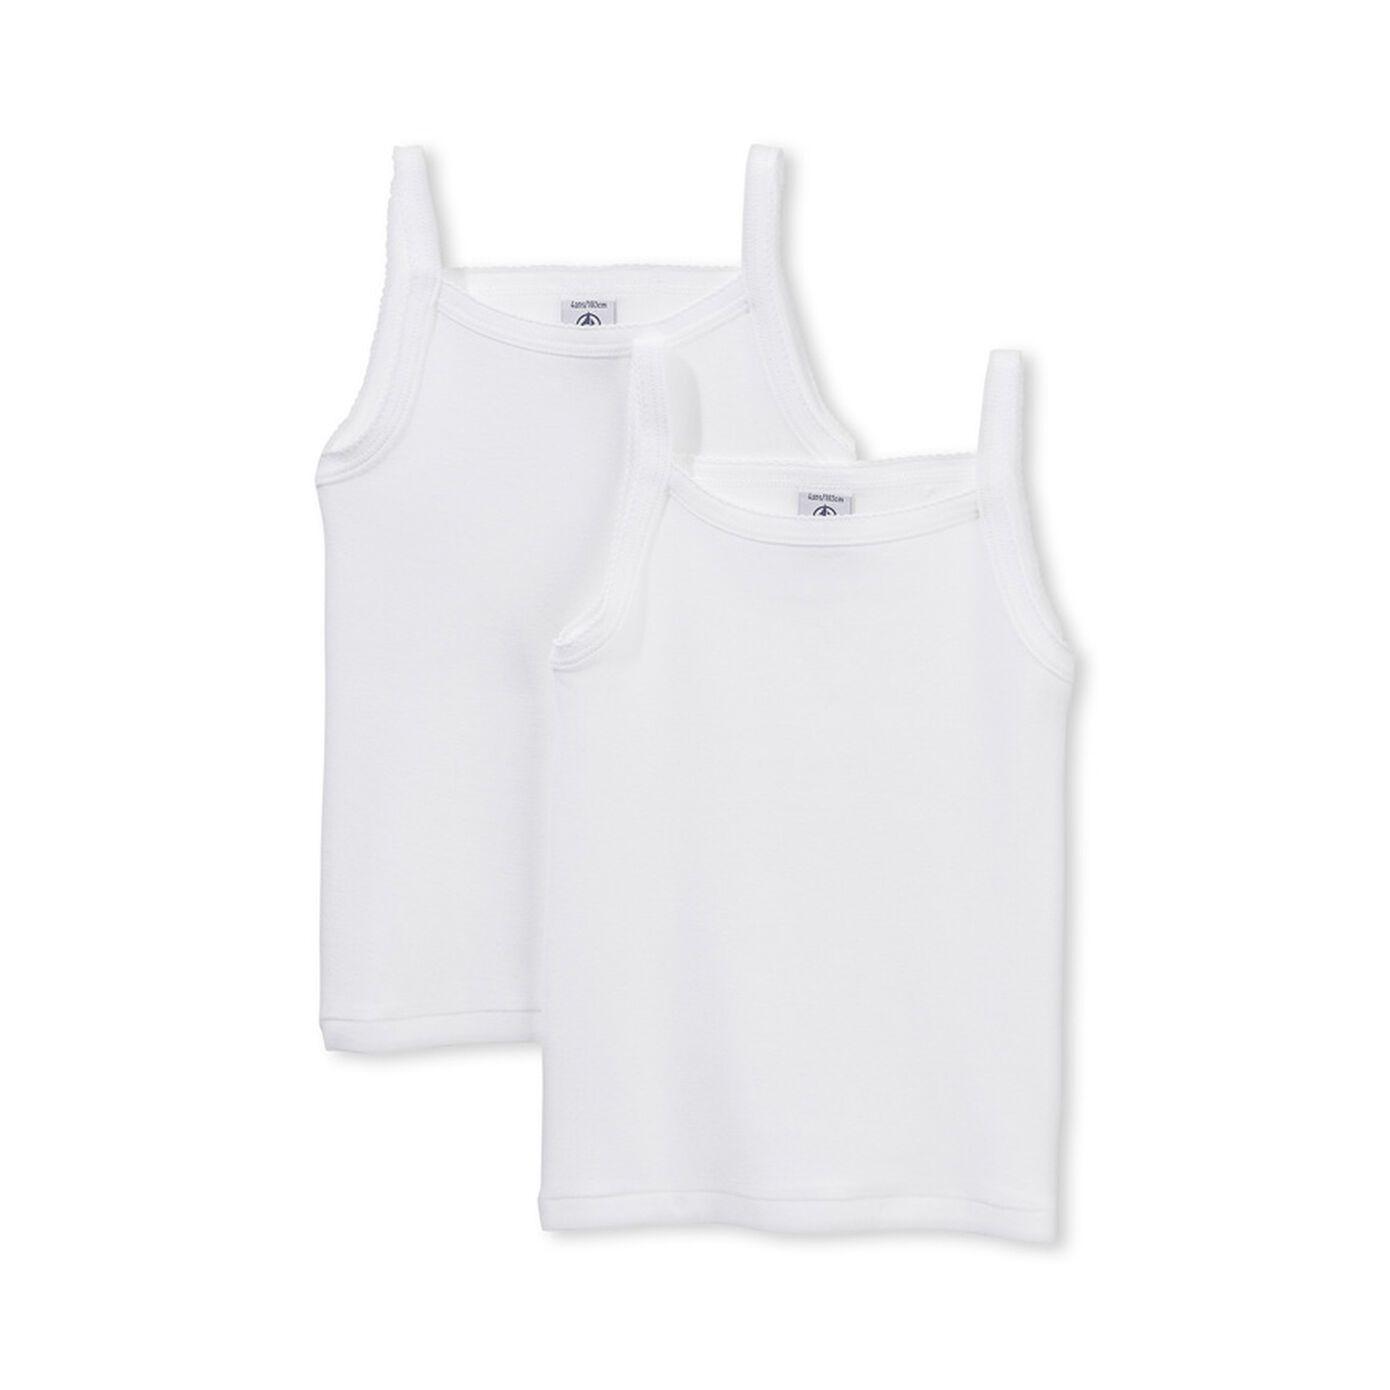 15038 / 100.WHITE / Girls 2 Pack Tank Tops